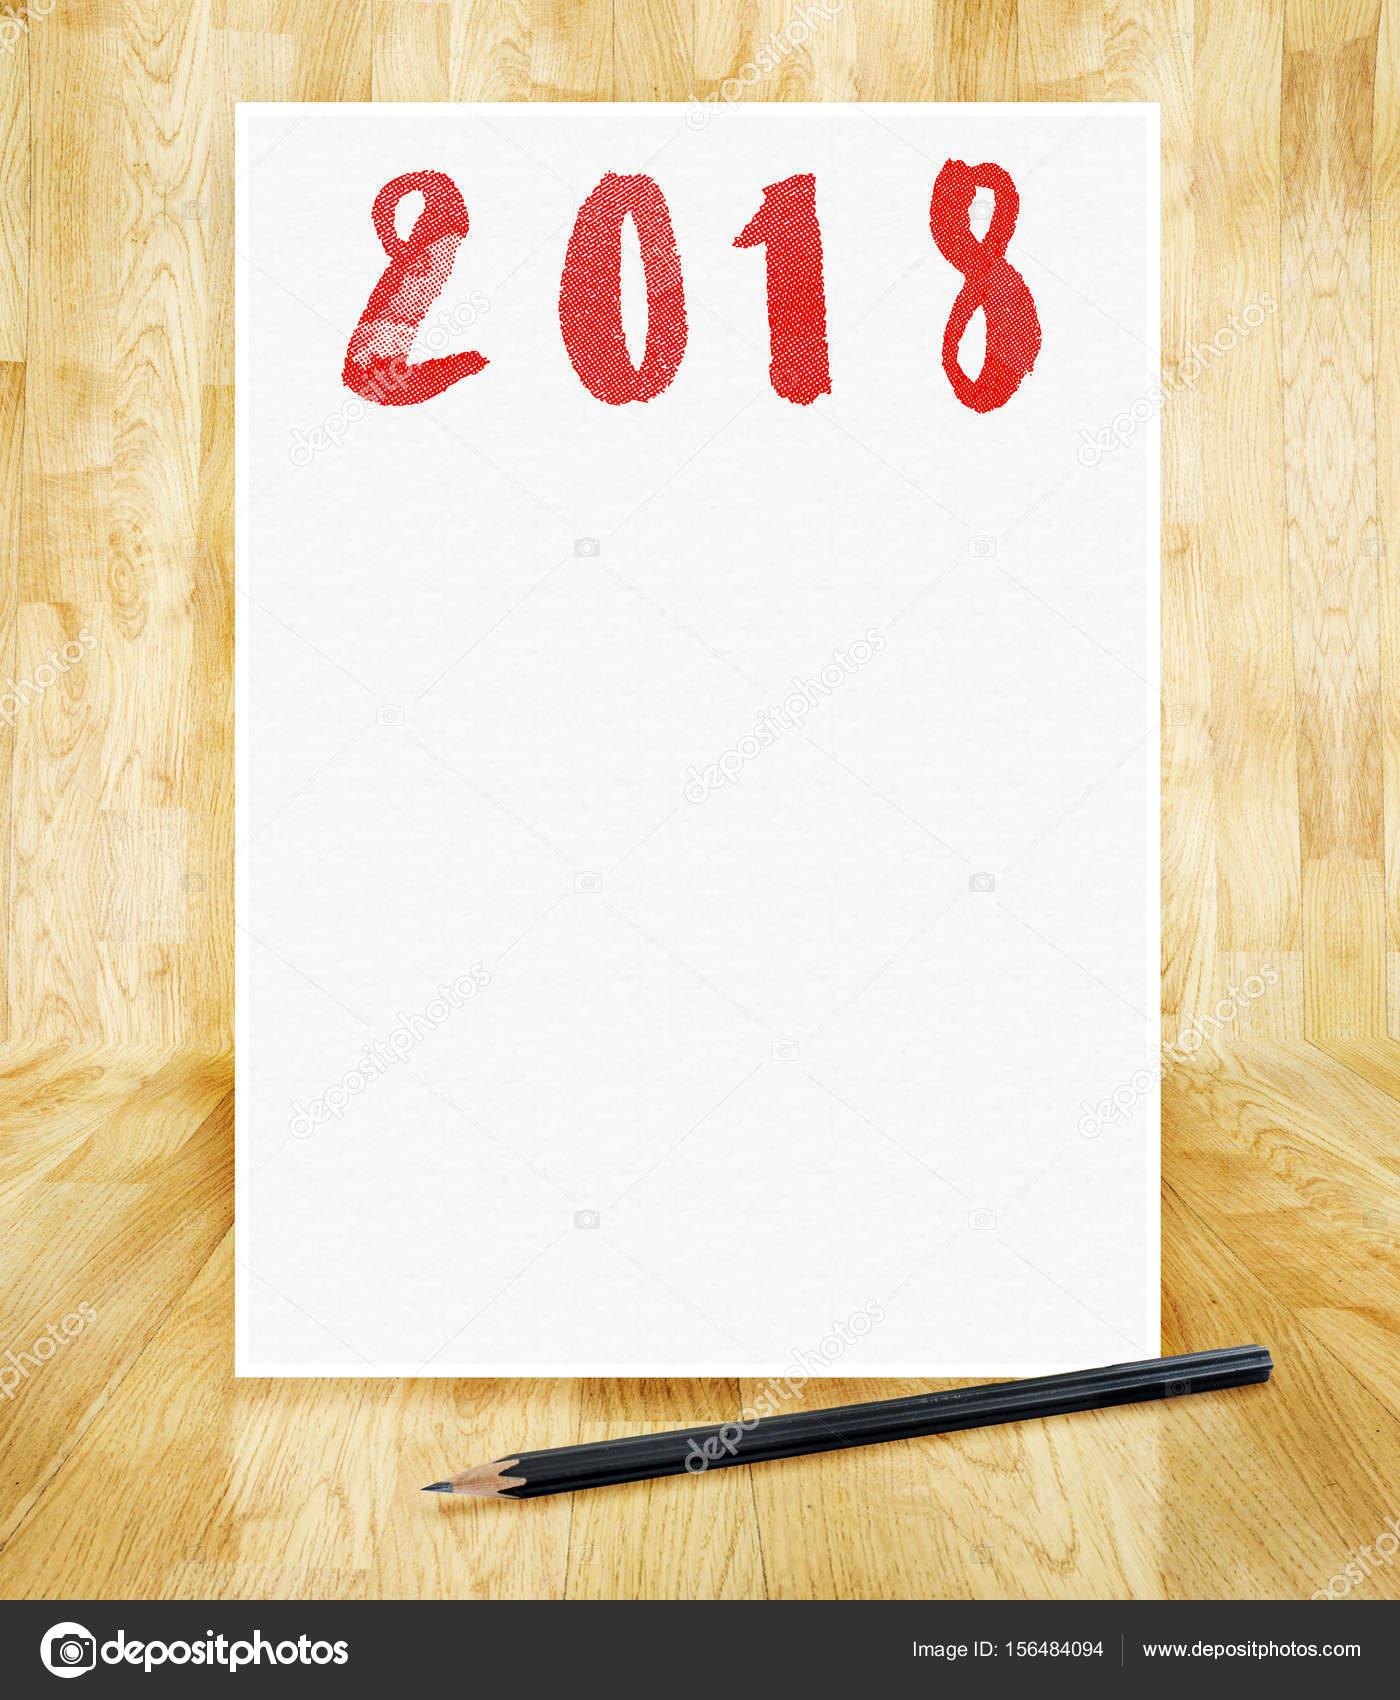 Feliz año nuevo 2018 en blanco papel marco con lápiz en la mano bru ...